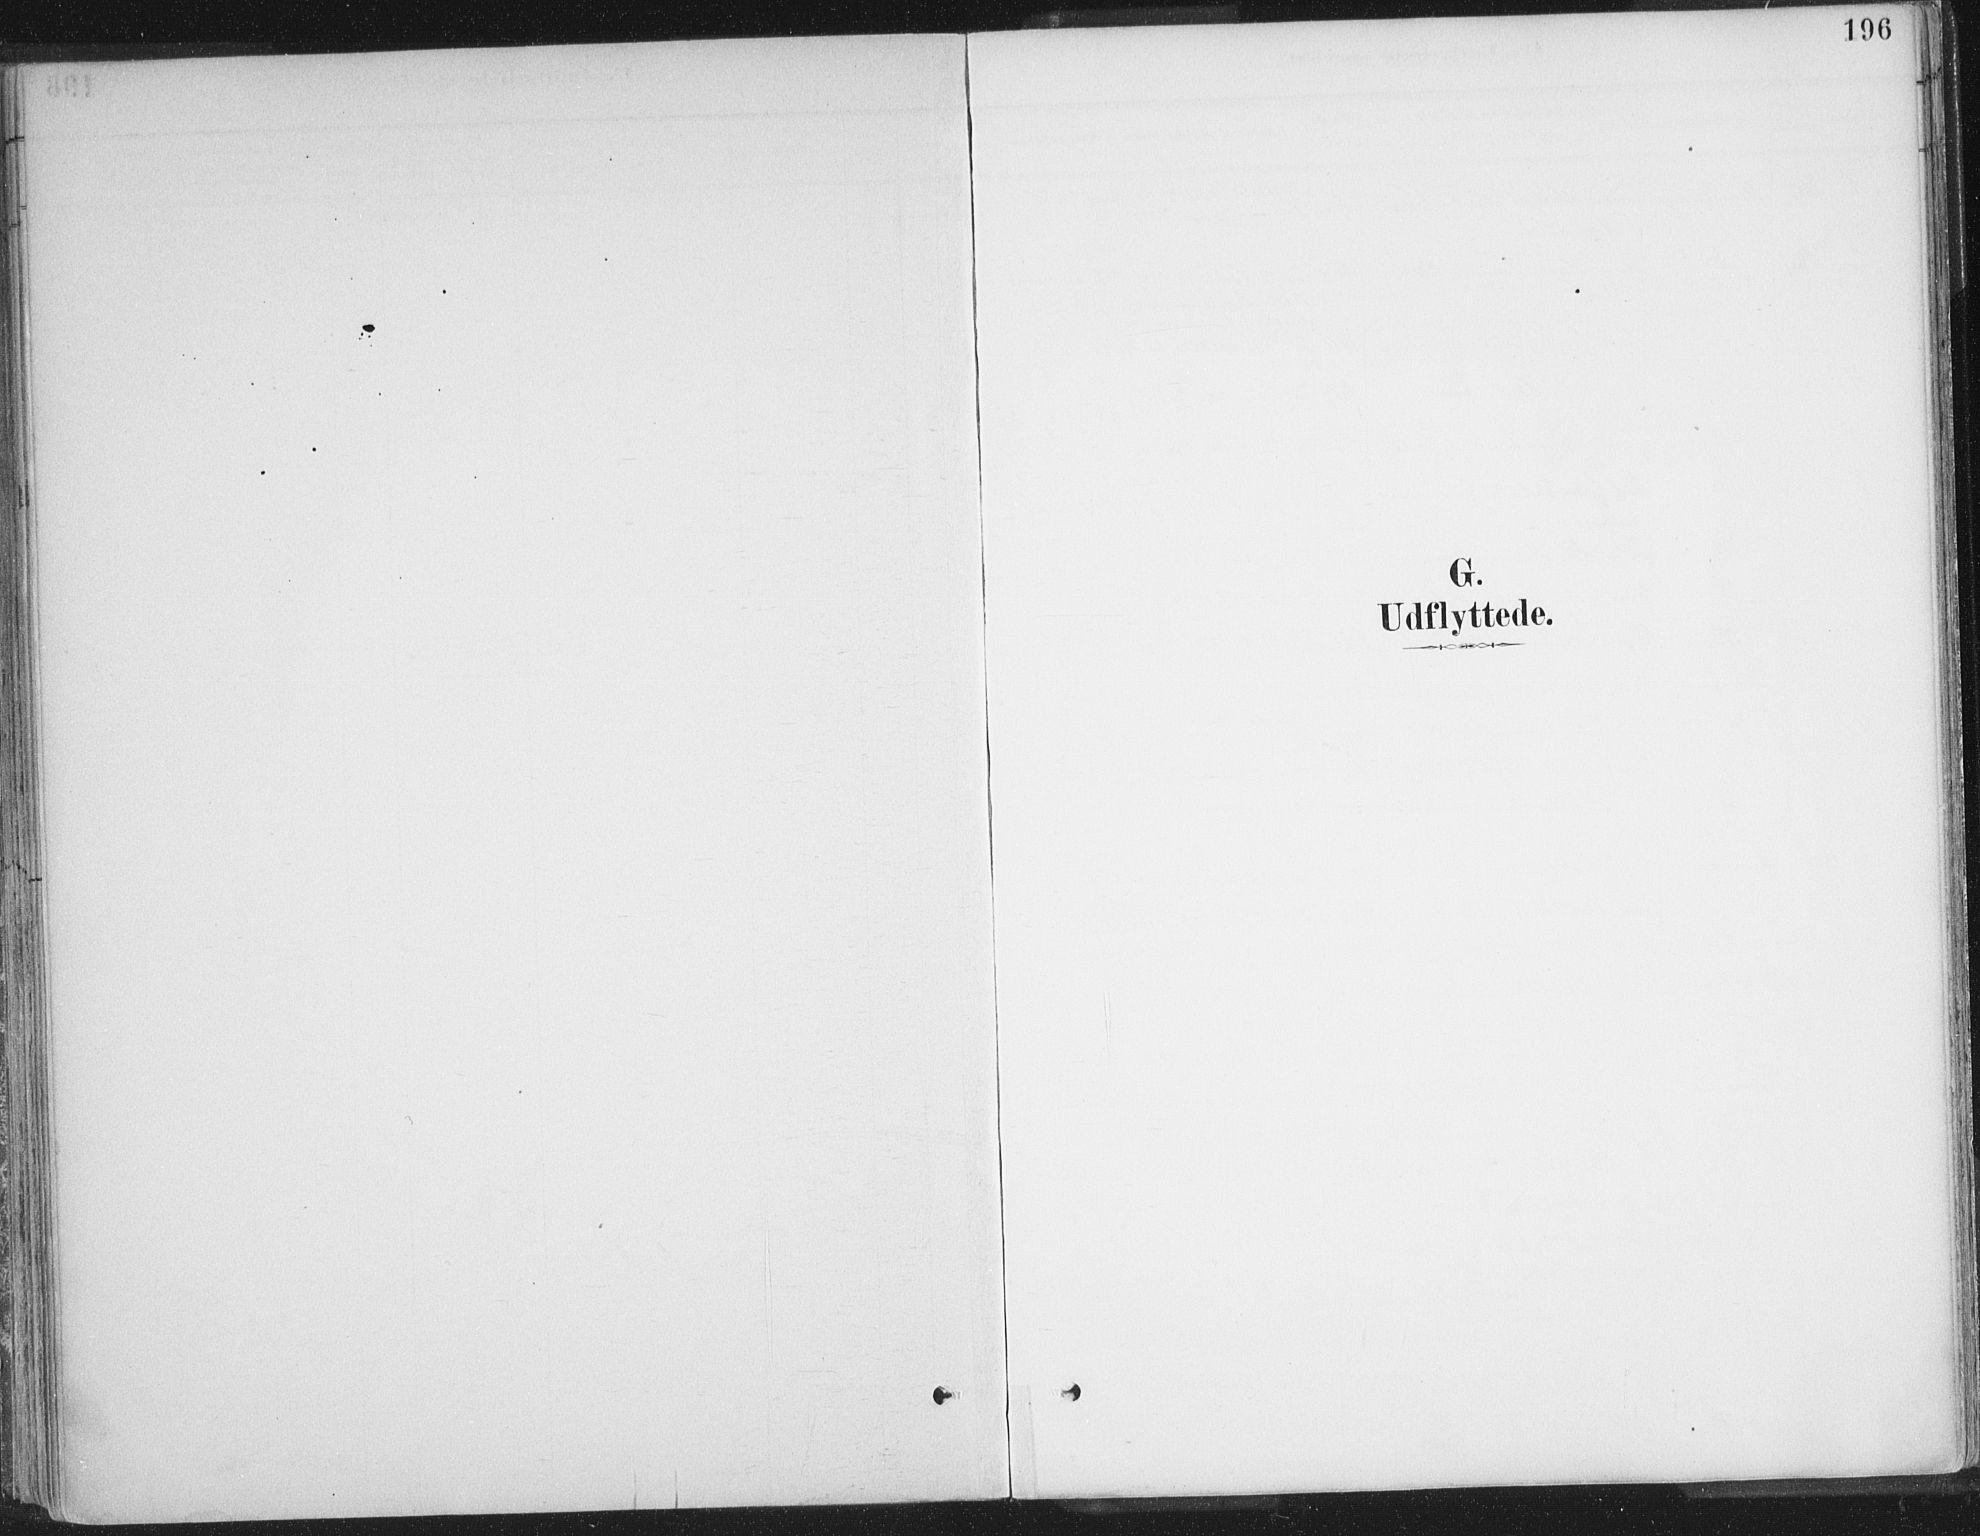 SATØ, Balsfjord sokneprestembete, Ministerialbok nr. 7, 1887-1909, s. 196